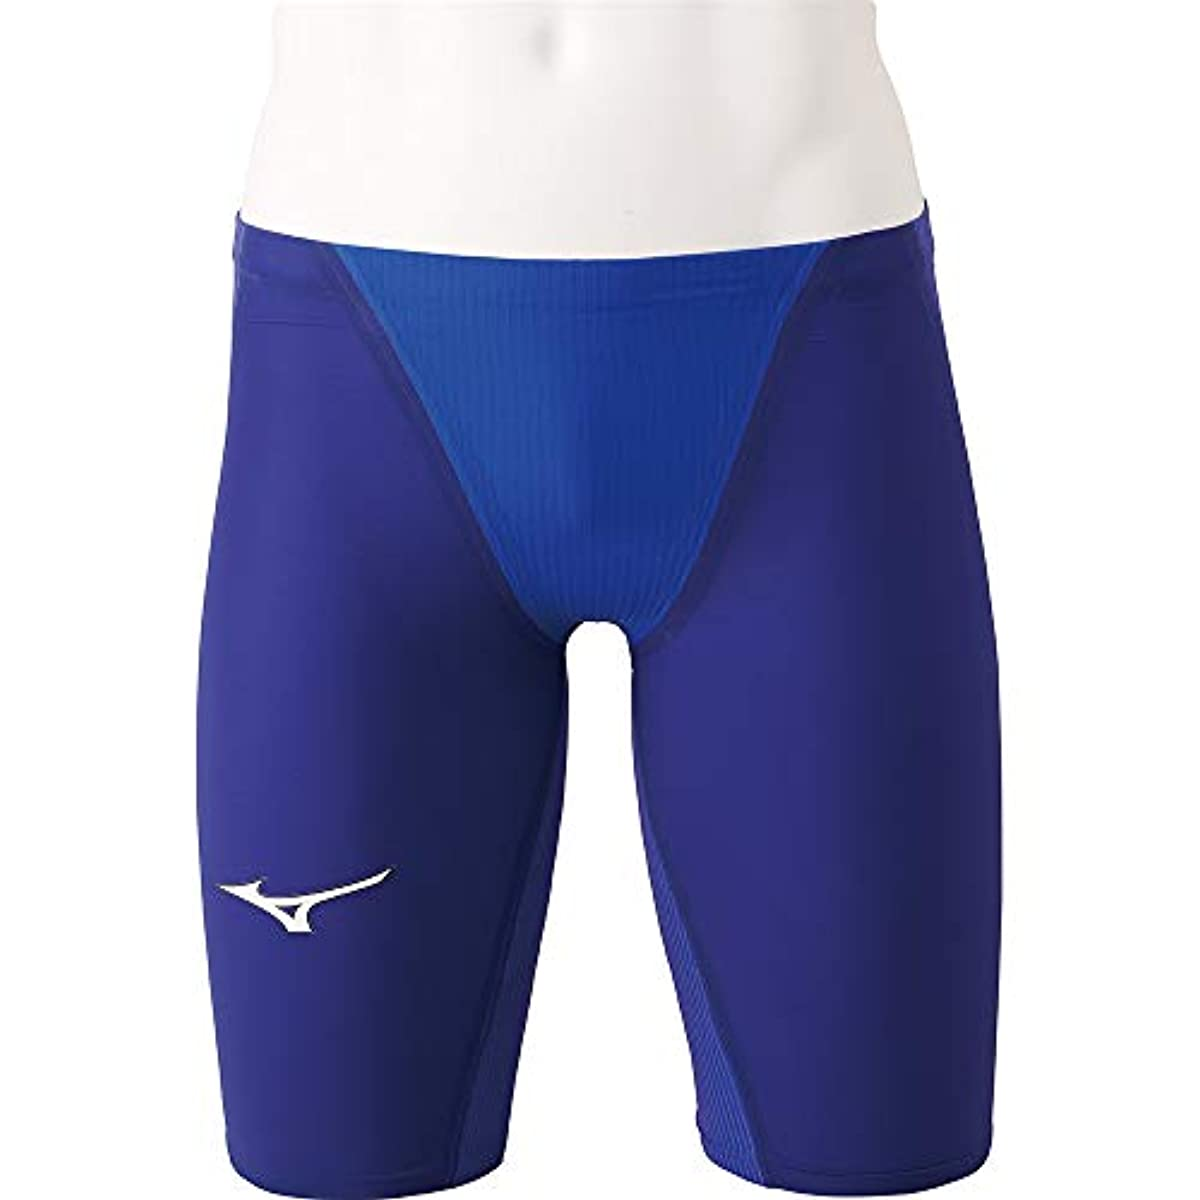 [해외] MIZUNO(미즈노) 레이스용 수영경기 수영복 맨즈・보이의(쥬니어) GX・SONIC IV ST(sprinter 모델) N2MB9001 130CM~X엘사이즈